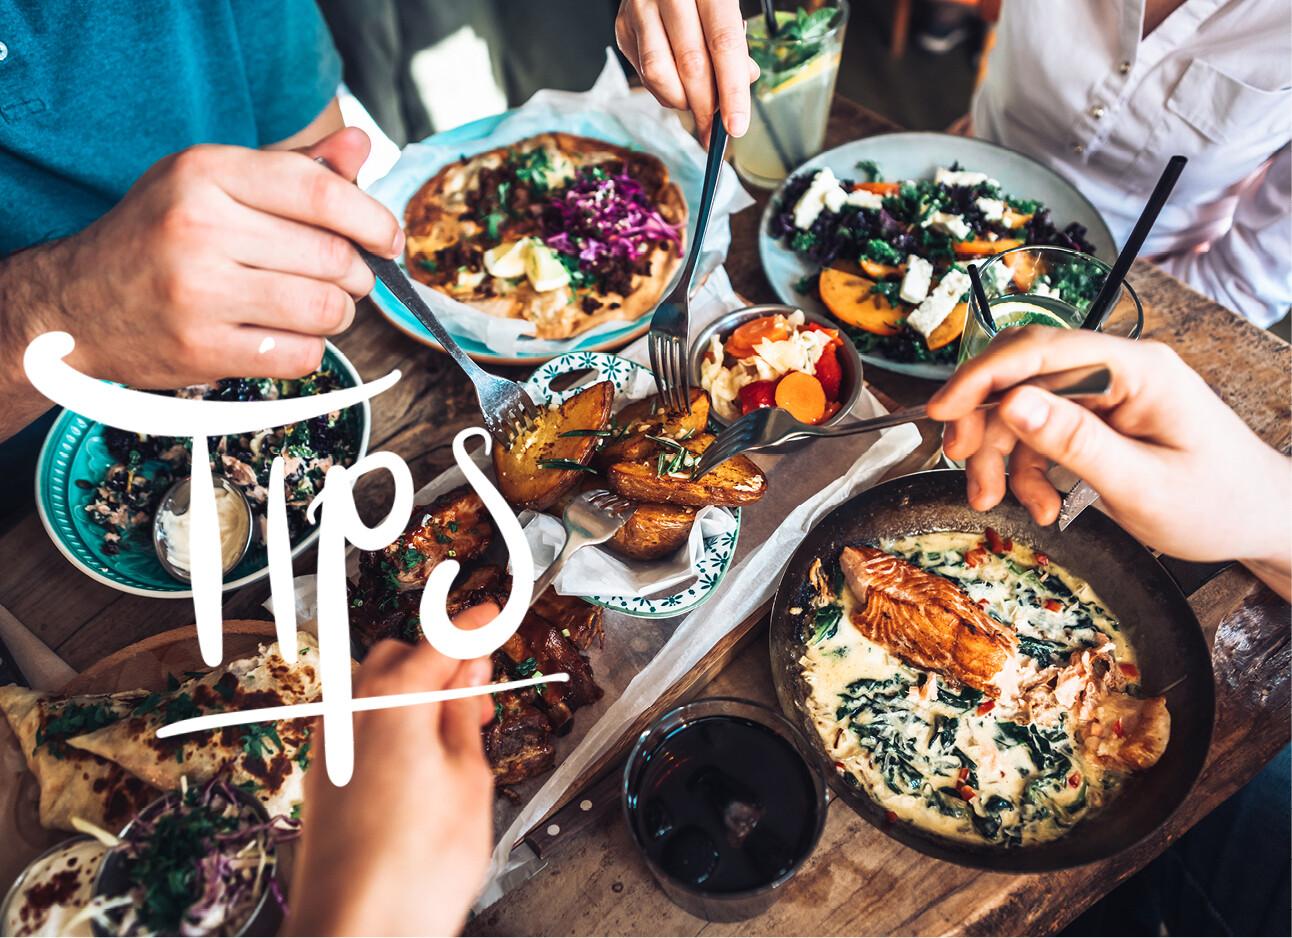 mensen lekker aan het eten aan tafel